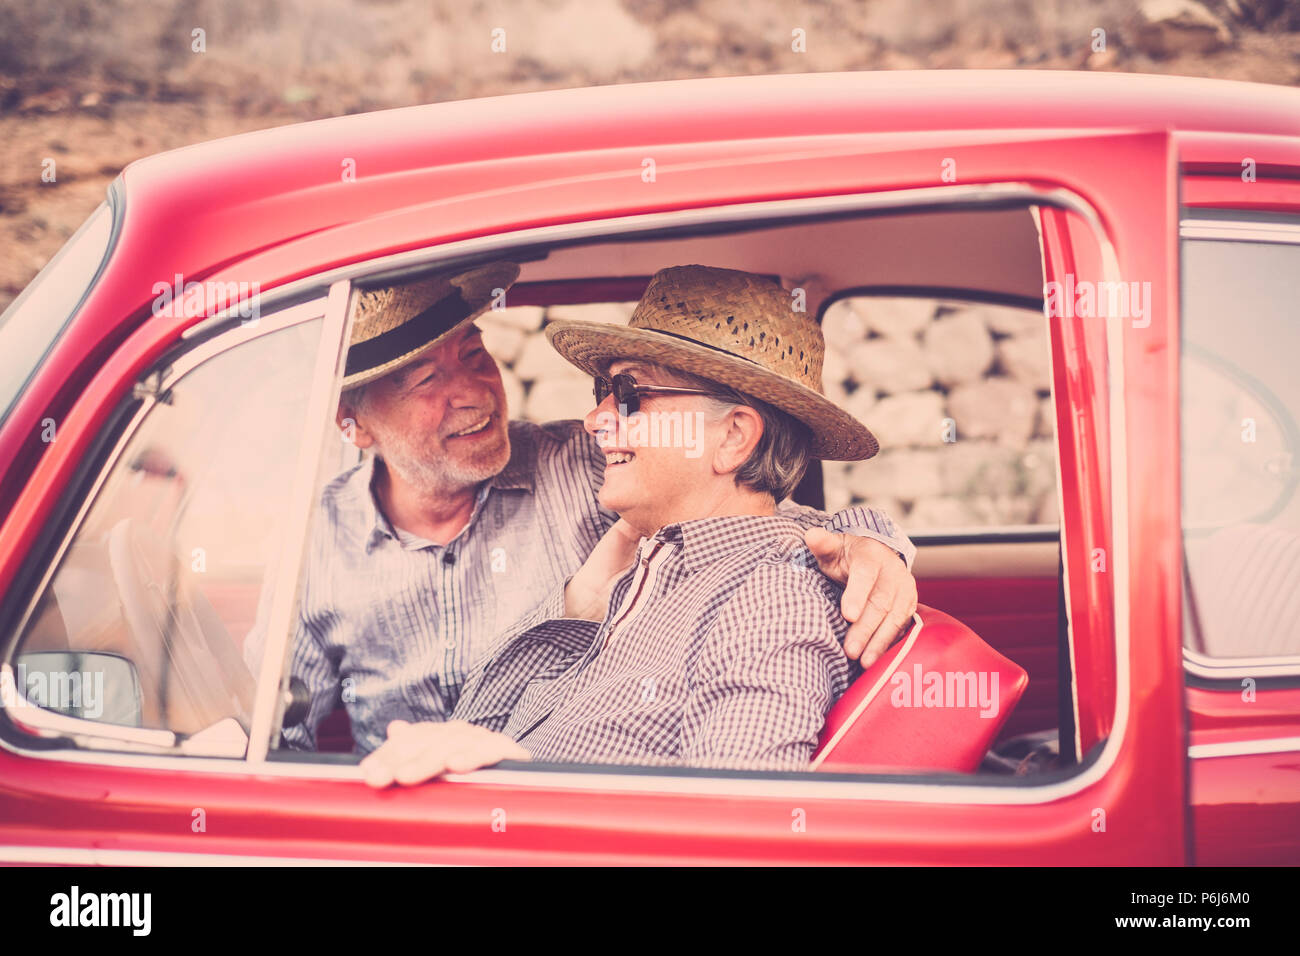 Schön schönes Paar der älteren Erwachsenen Menschen innerhalb eines alten roten Oldtimer genießen und gemeinsam in Outdoor Freizeit Aktivitäten bleiben. Verheiratet und für Stockbild